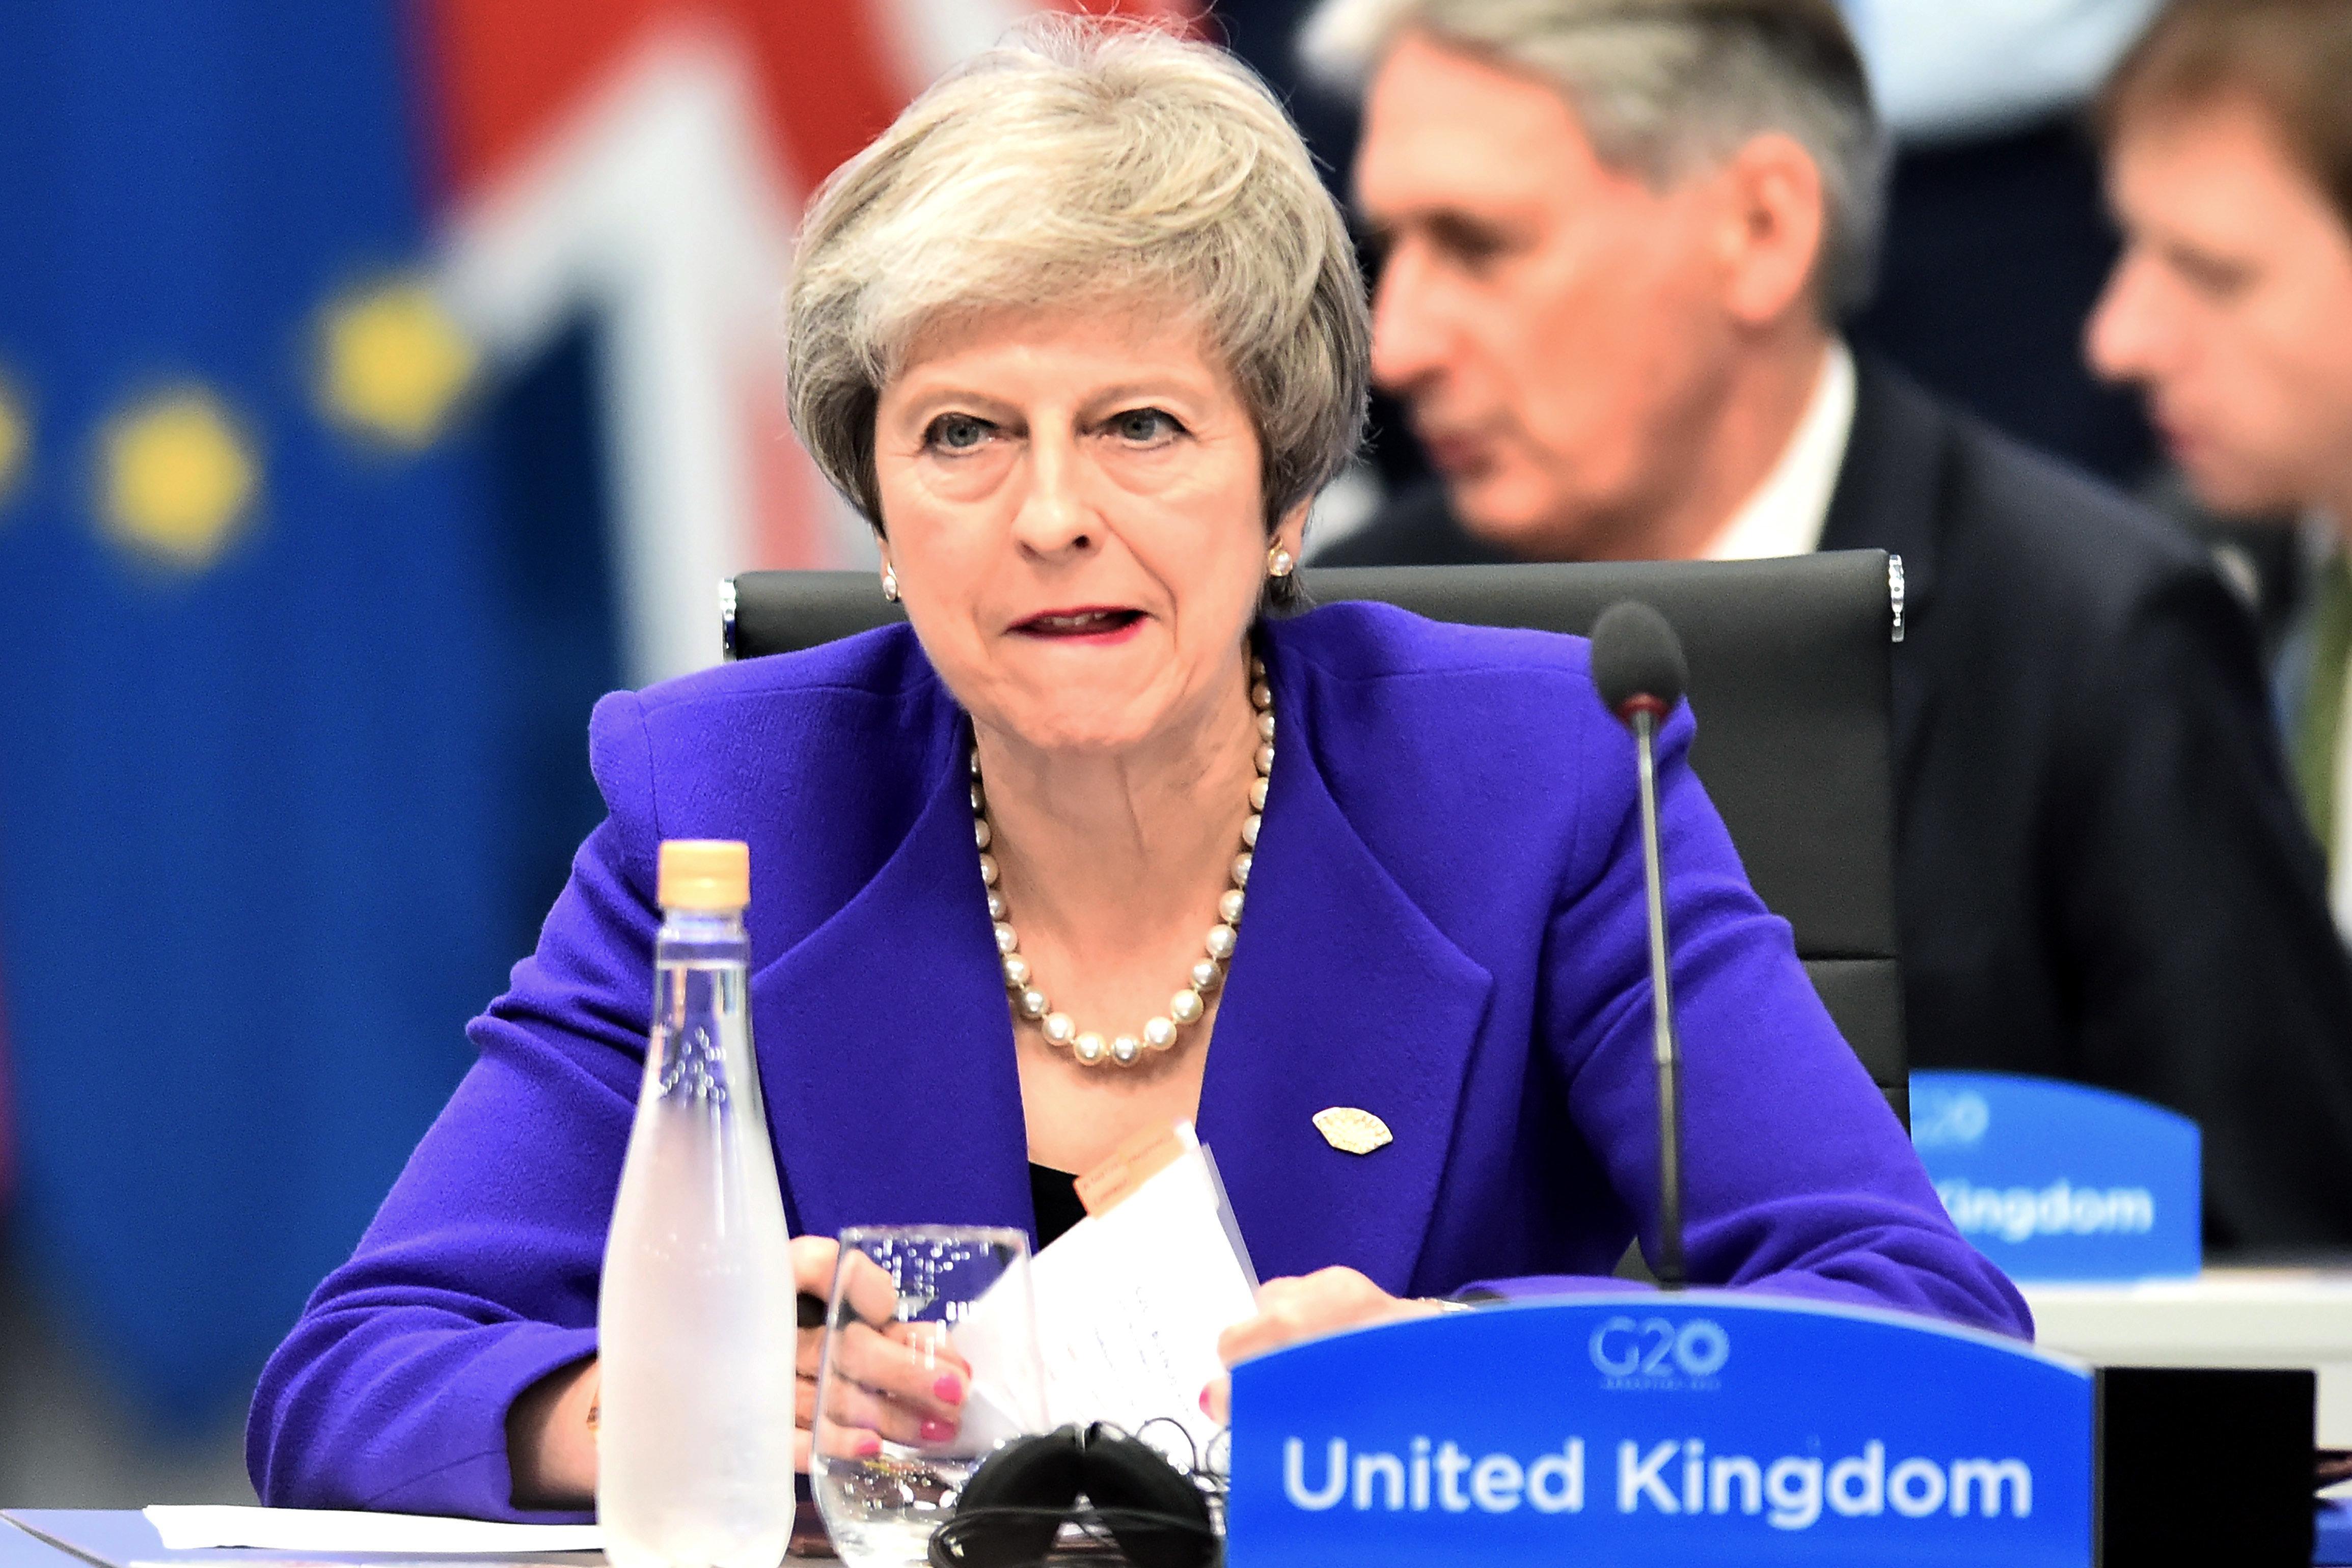 Brexit-Votum laut Berichten verschoben: May sagt Abstimmung am Dienstag